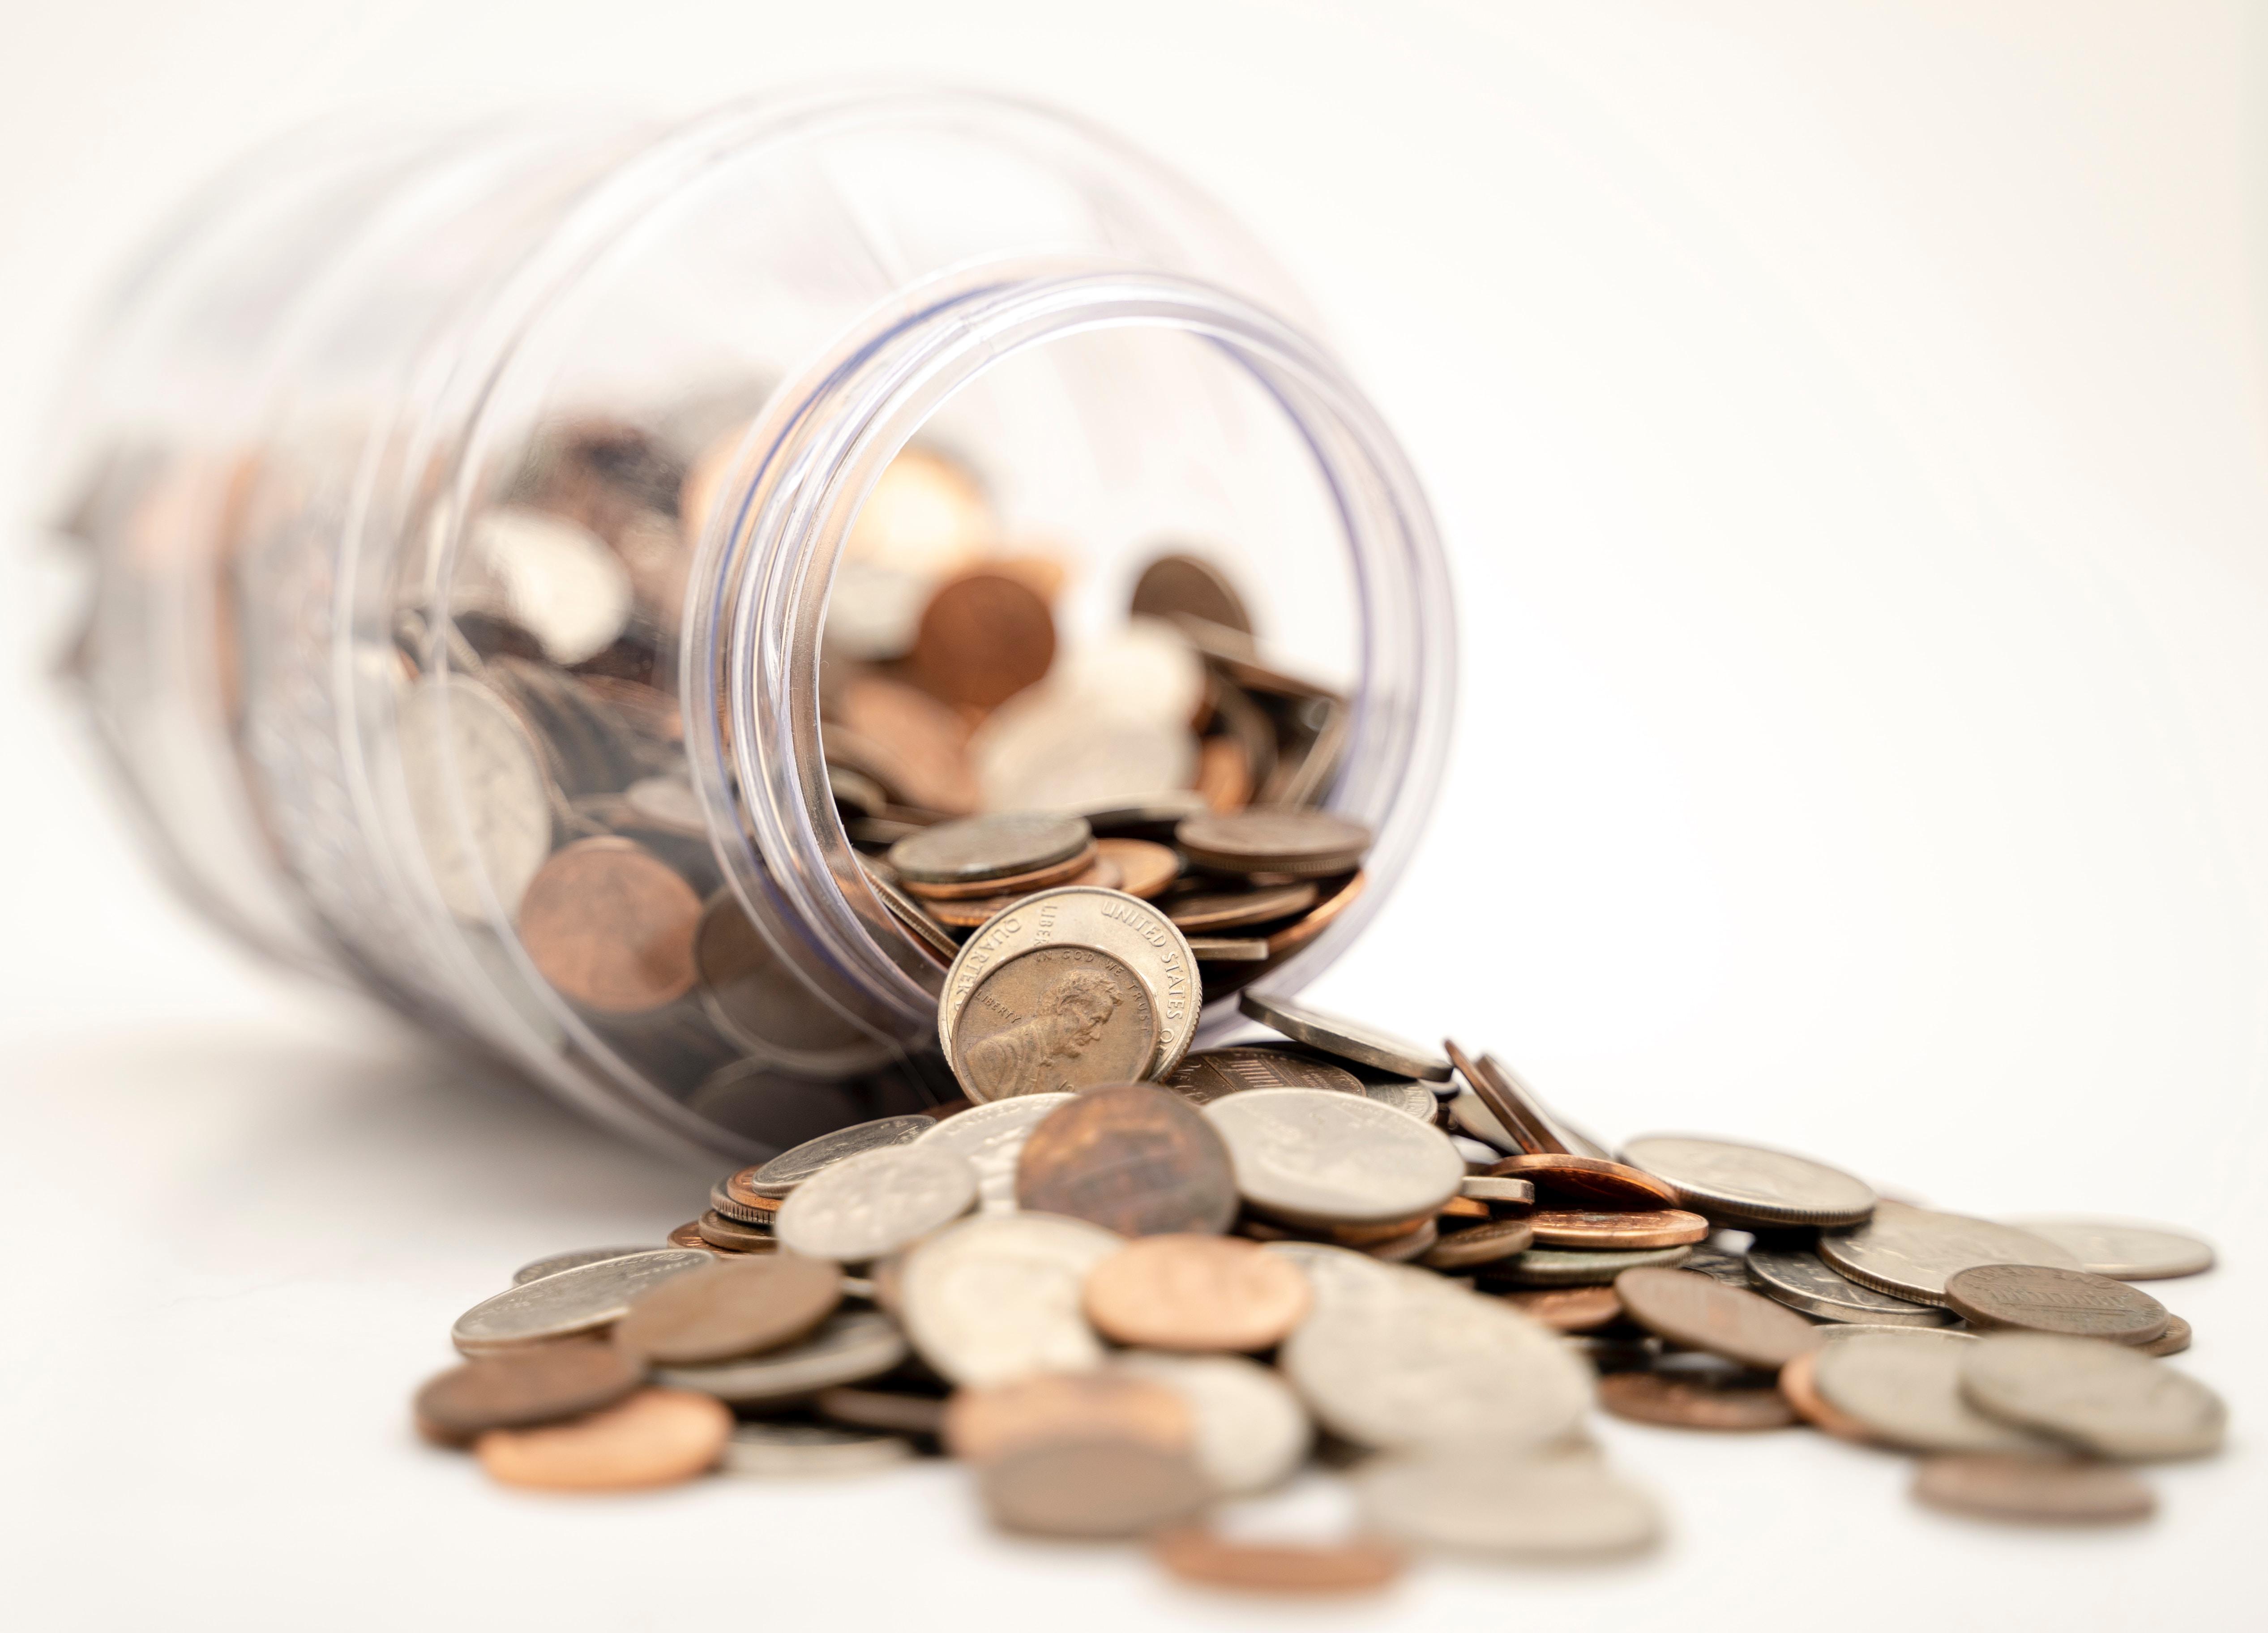 spilled jar of coins